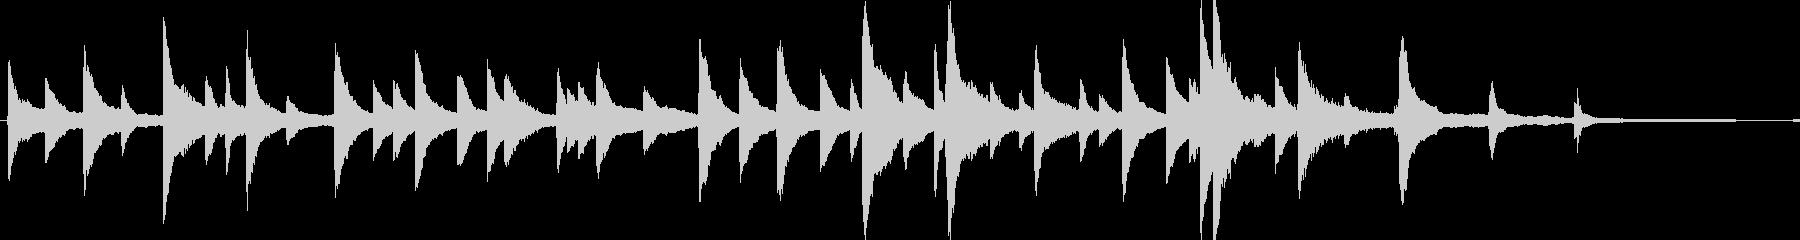 優しく切ないピアノソロの未再生の波形